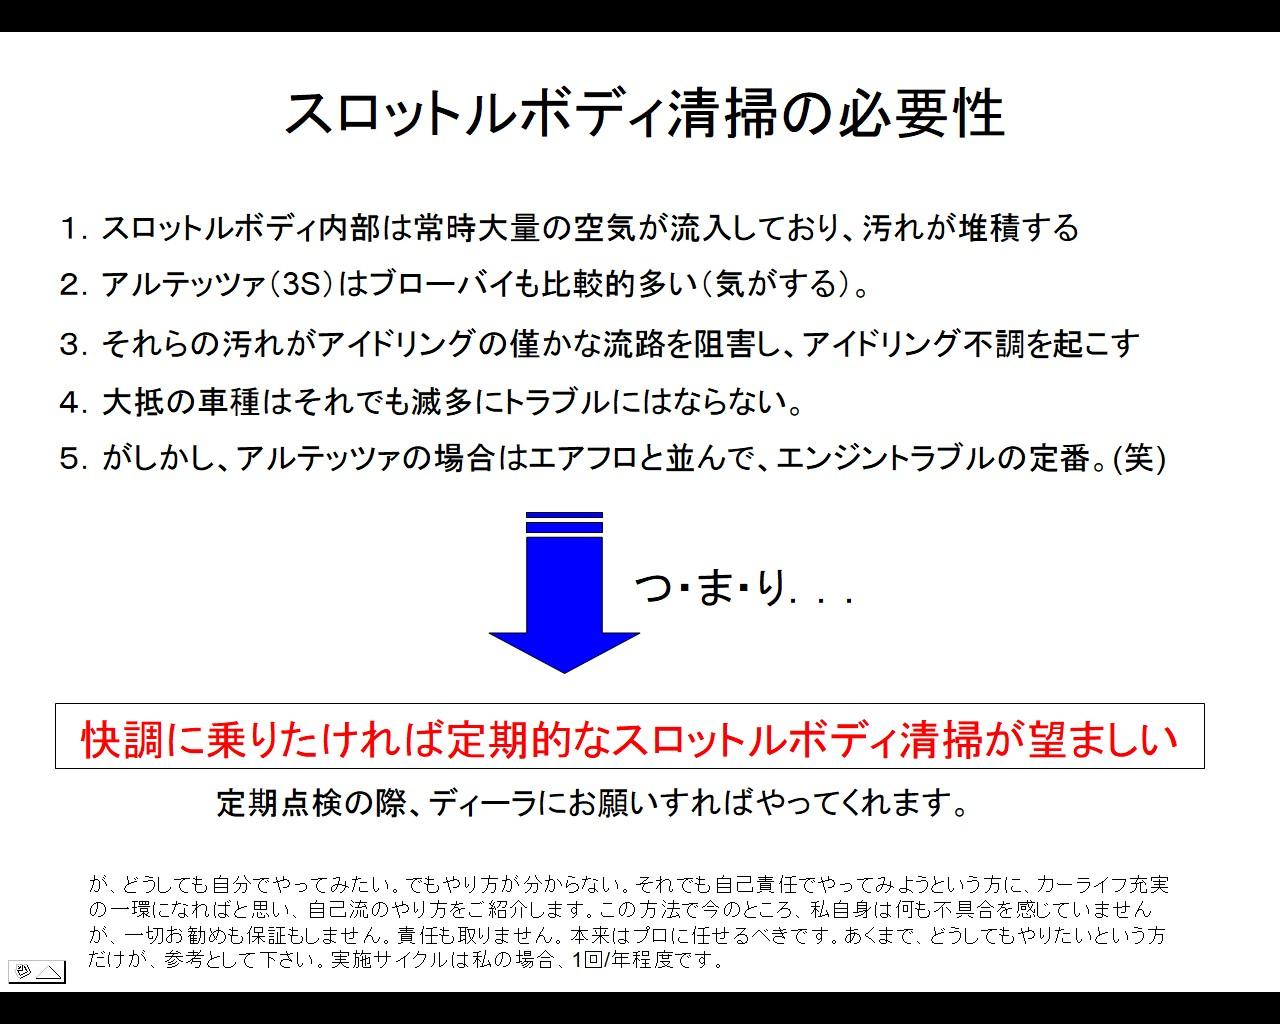 スロットルボディ洗浄(初心者向け解説①)